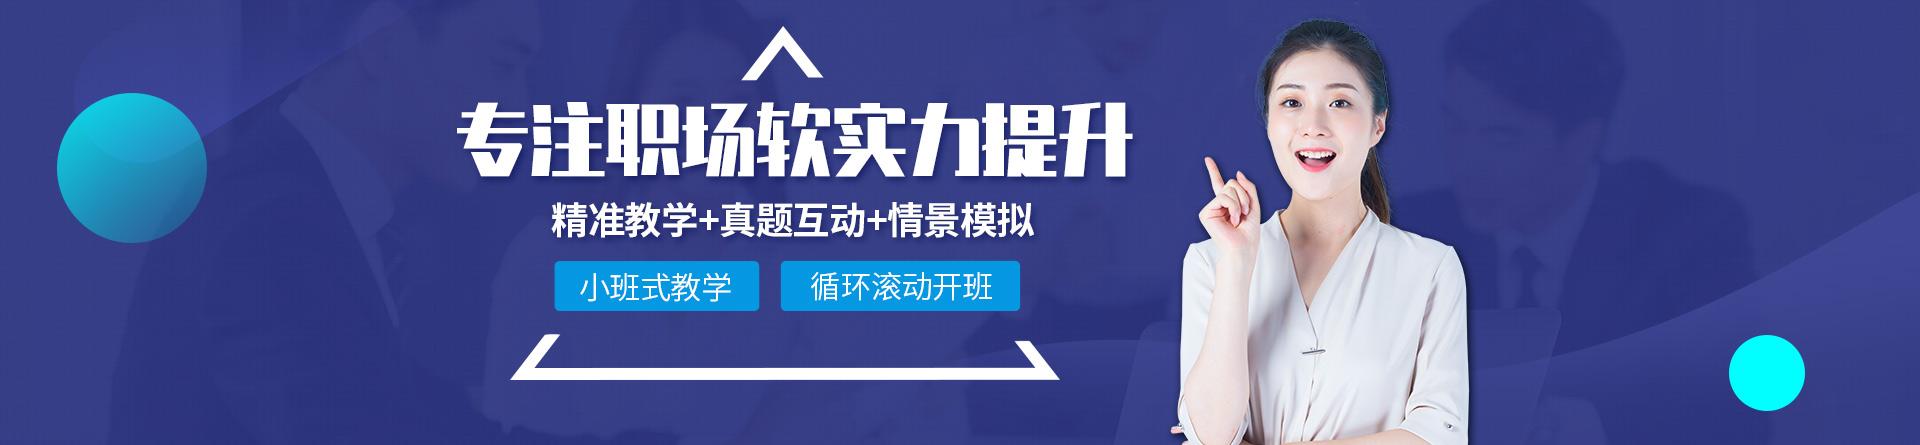 上海海纳川培训